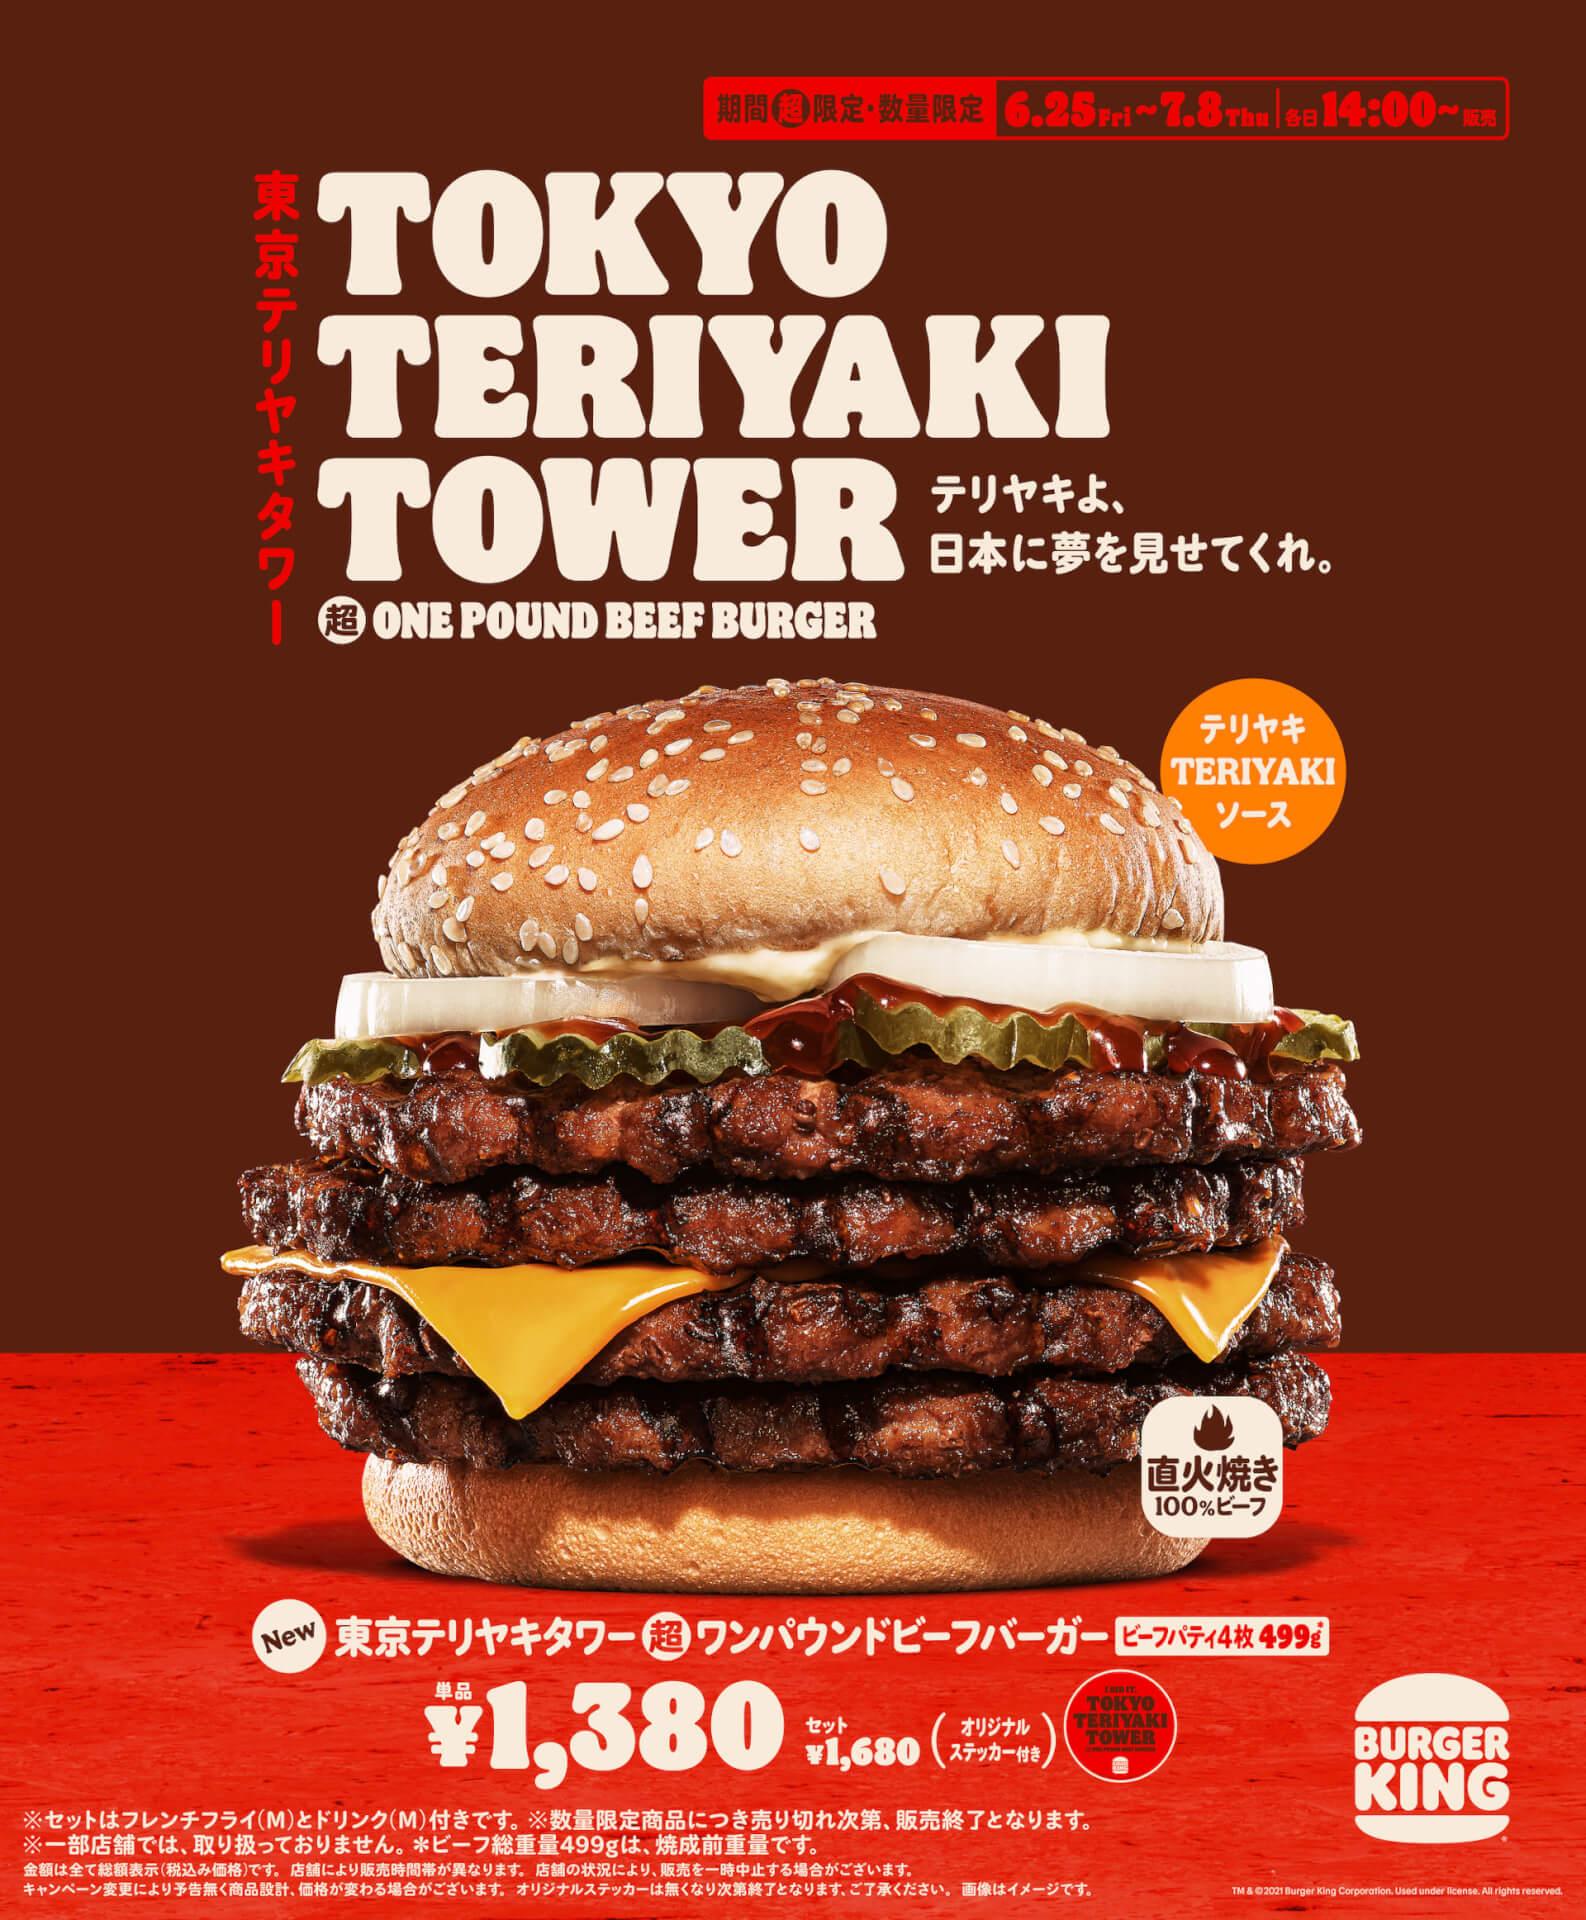 バーガーキングの超ワンパウンドビーフバーガーシリーズに『東京テリヤキタワー超ワンパウンドビーフバーガー』が新登場! gourmet210624_burgerking_1